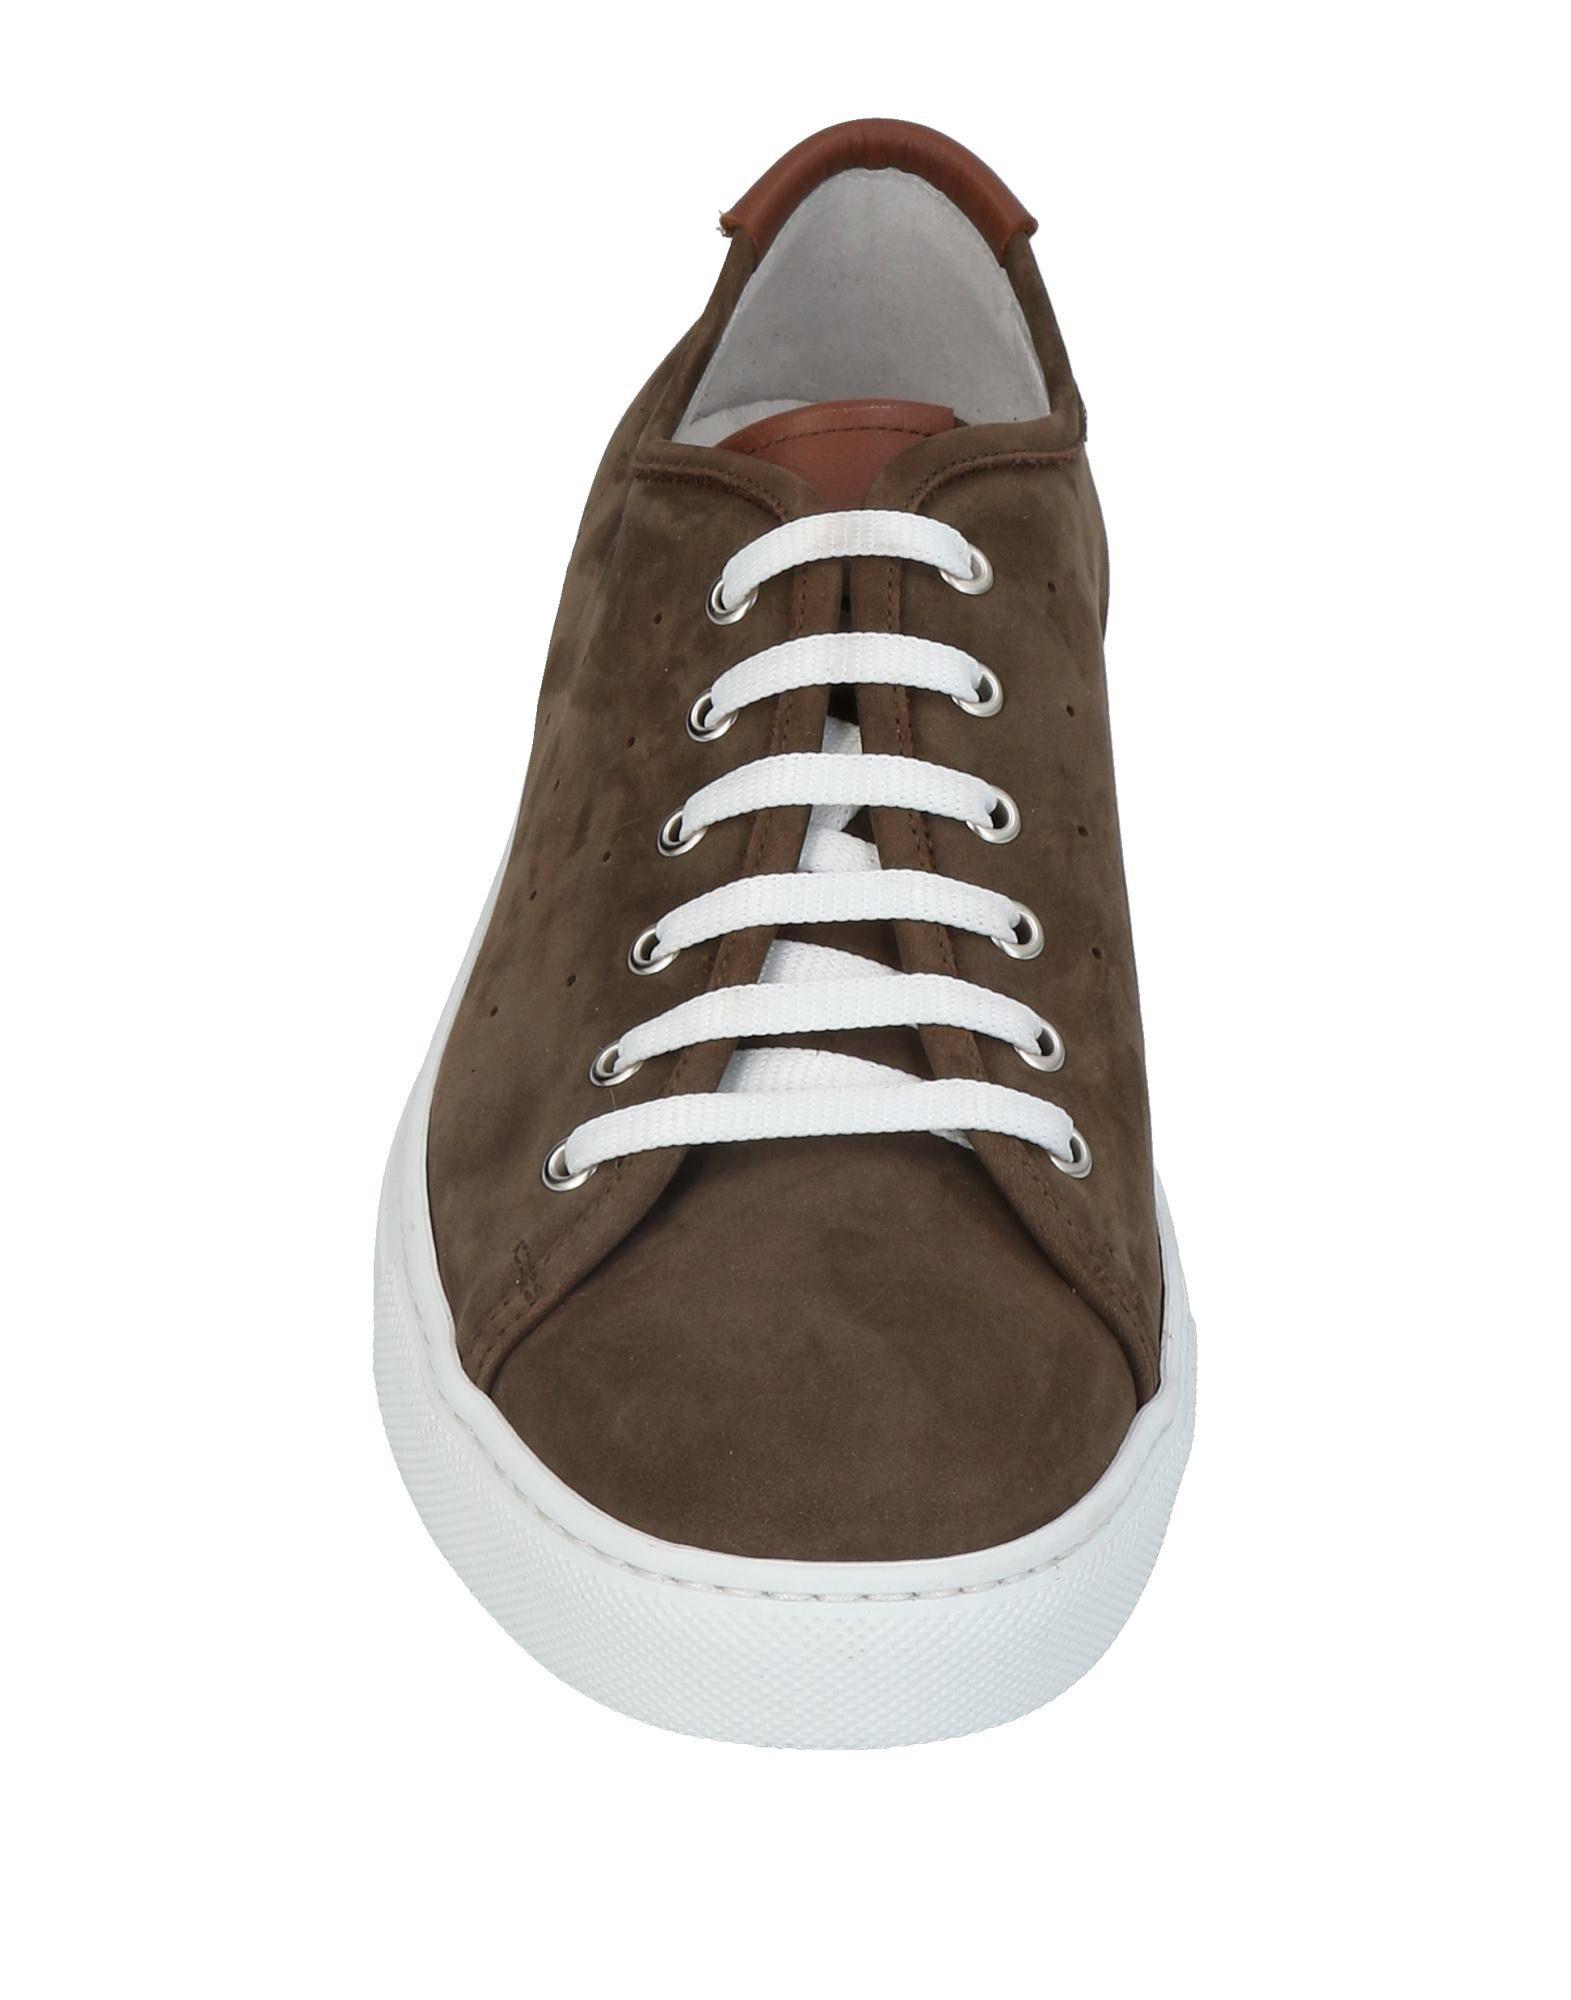 Rabatt echte Schuhe Herren Gianfranco Lattanzi Sneakers Herren Schuhe  11430099QN 1abb22